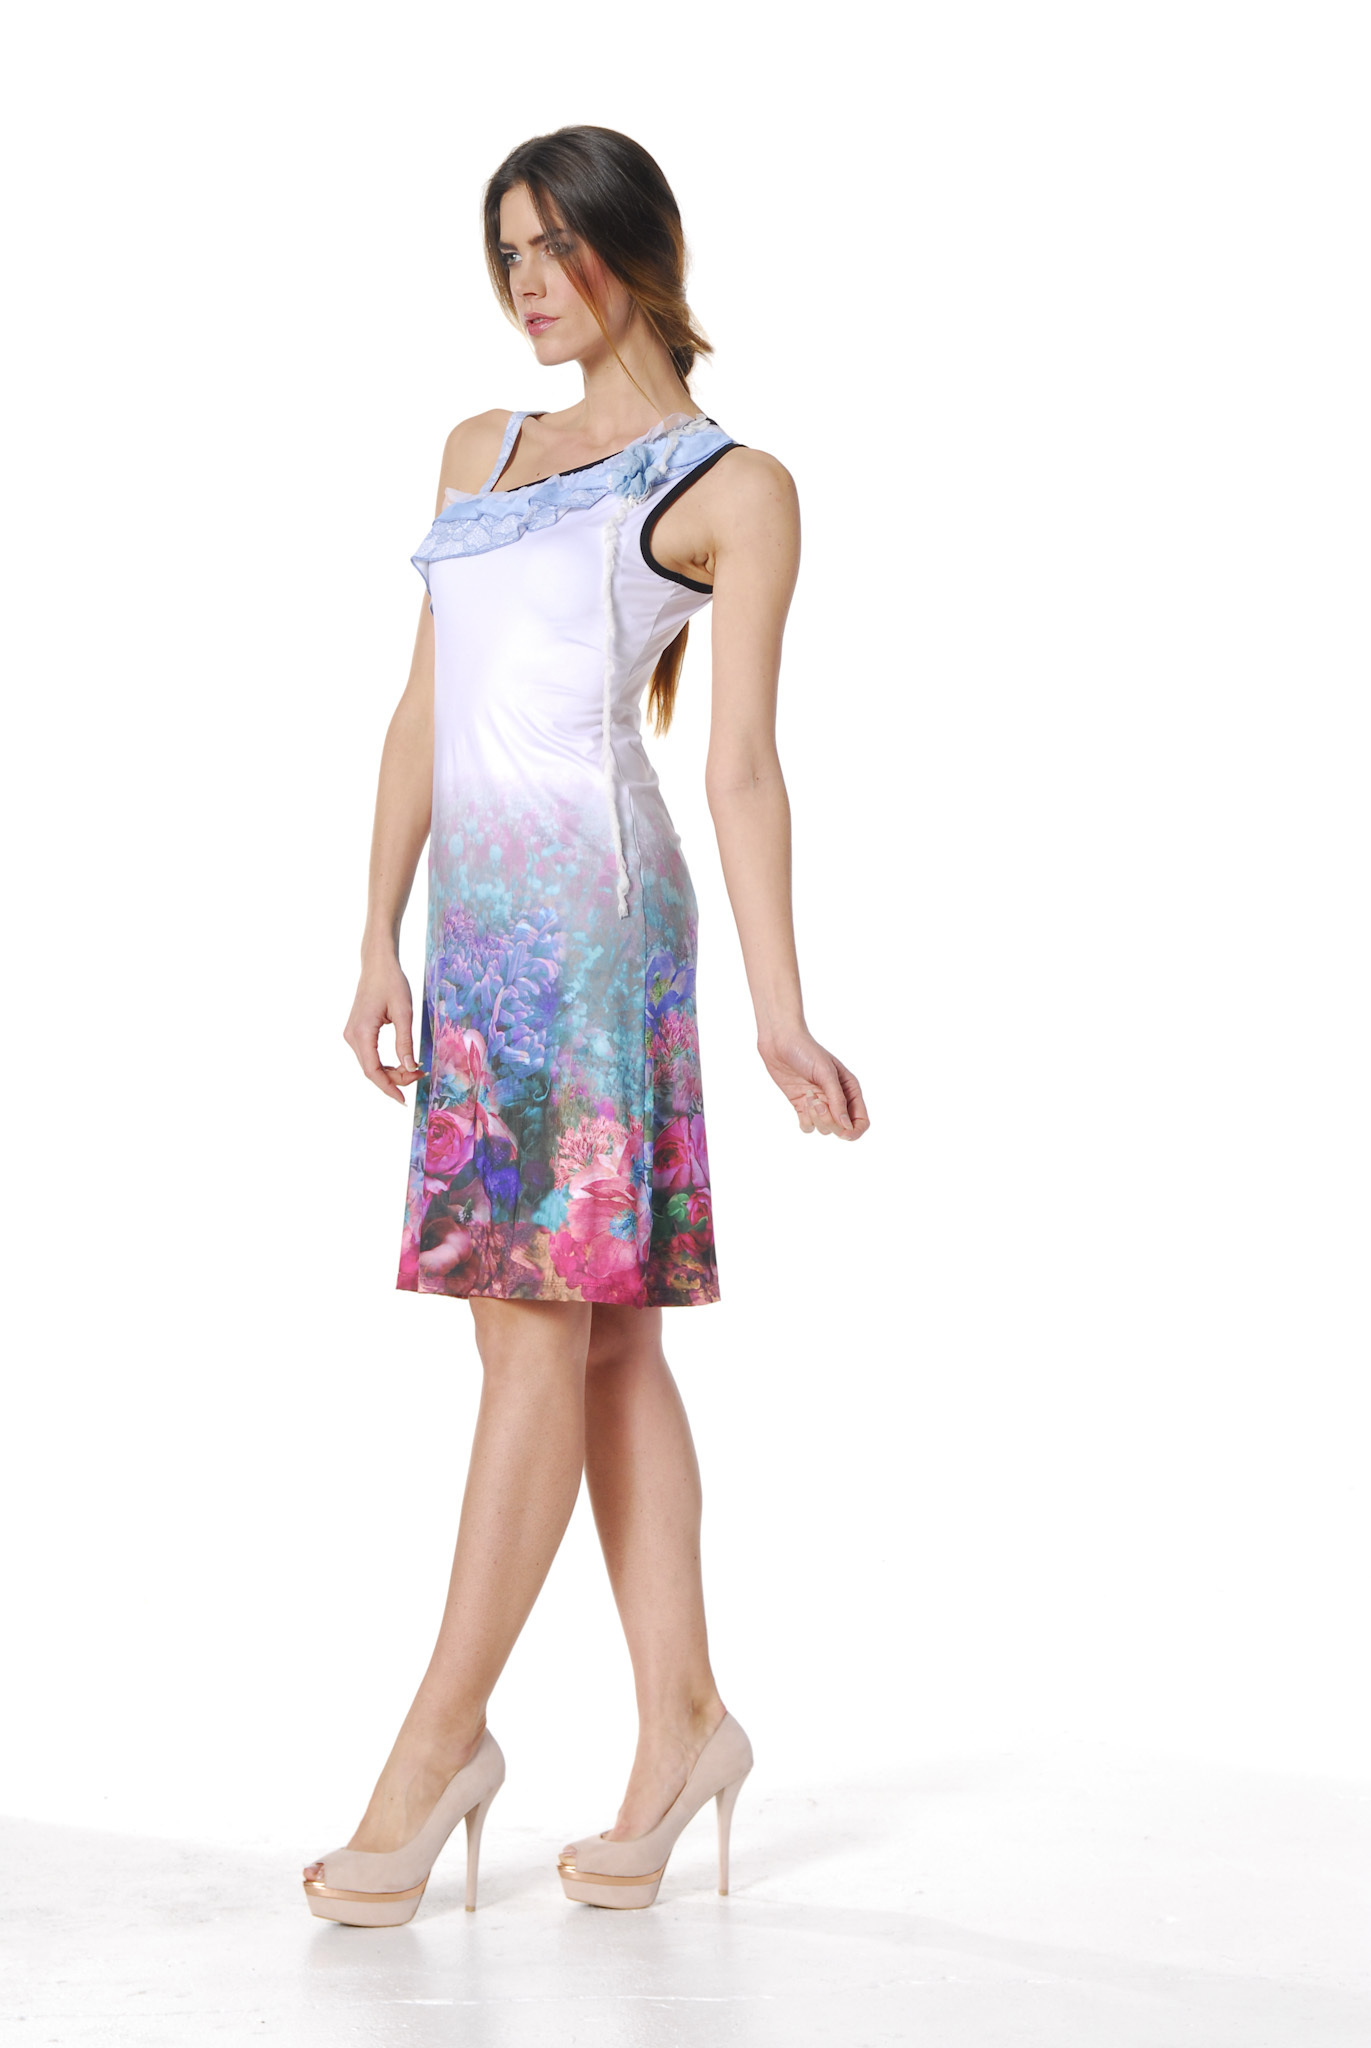 Les Fees Du Vent Couture: Fuschia Fairytale Sundress